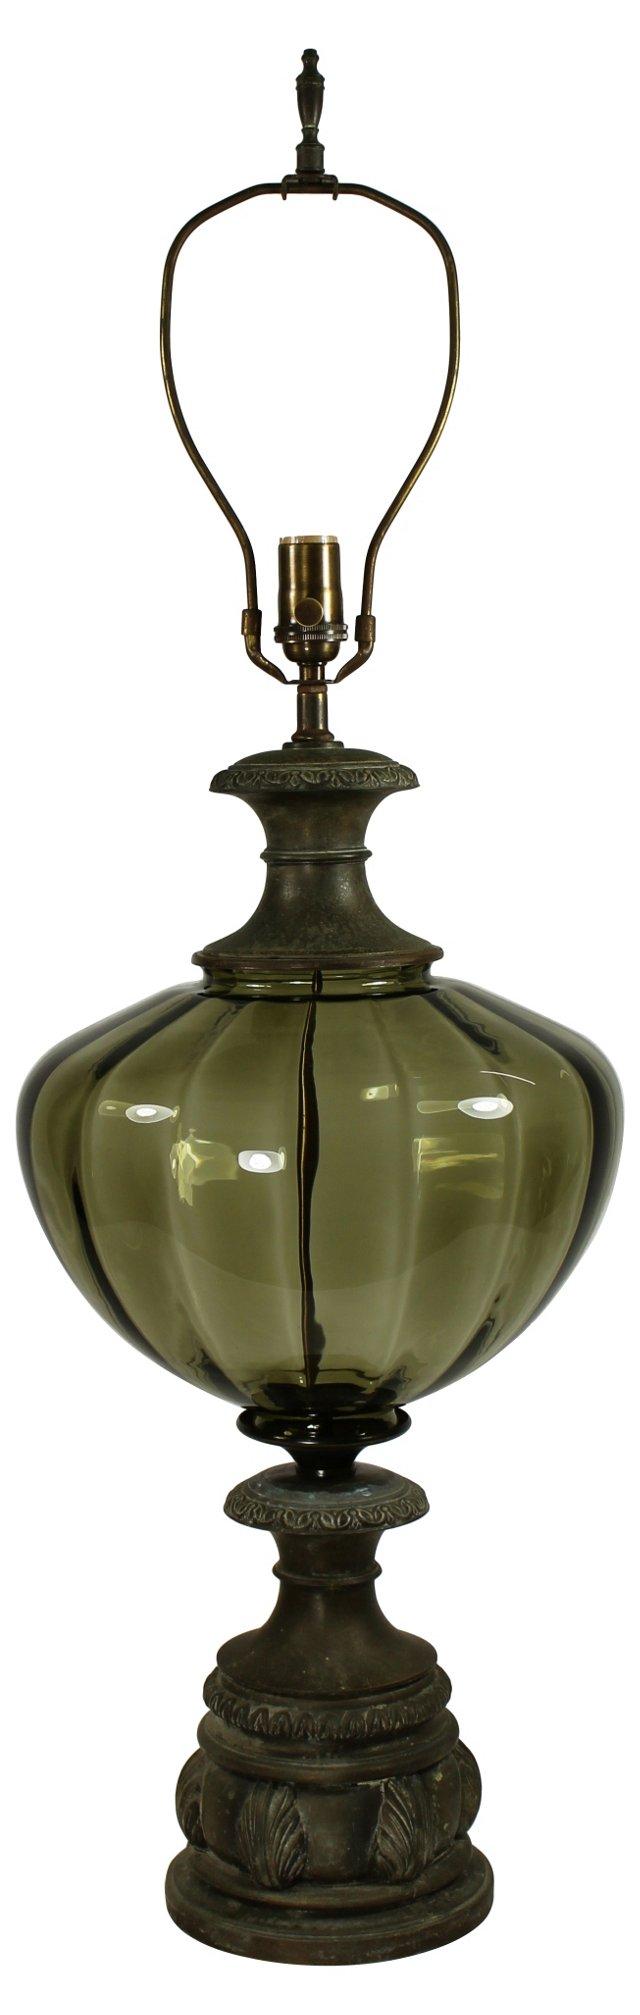 Smoked Glass & Shell Pedestal Lamp